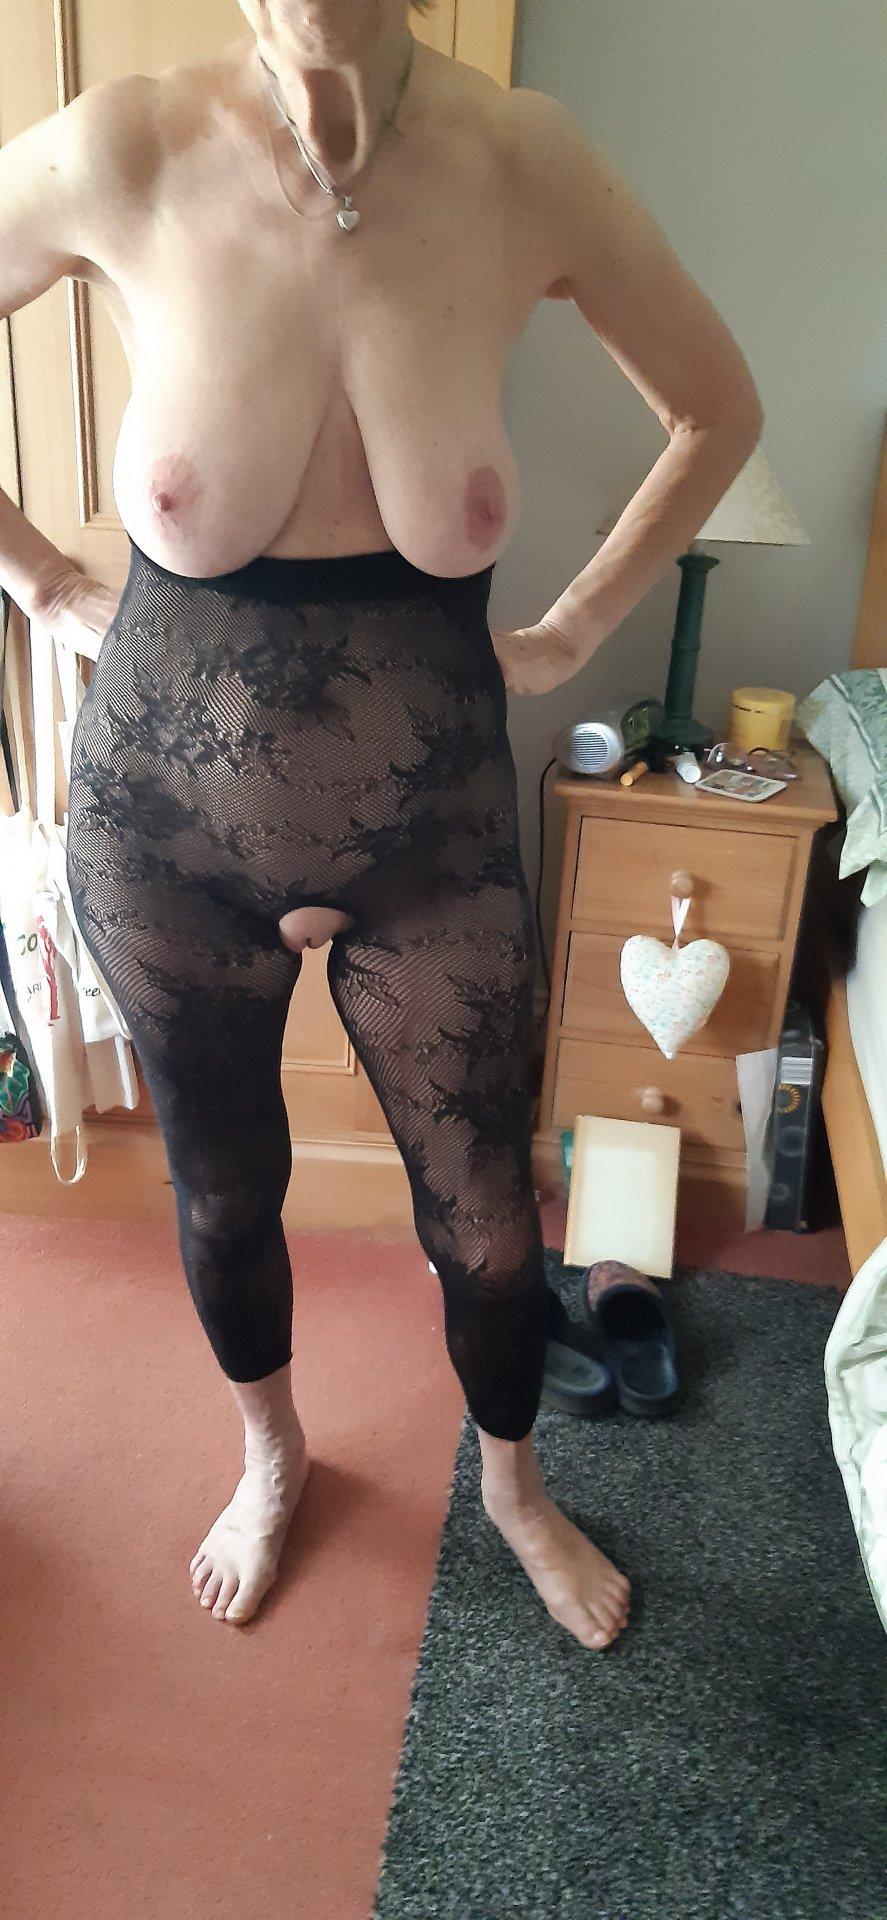 PollyfromDevon from Devon,United Kingdom